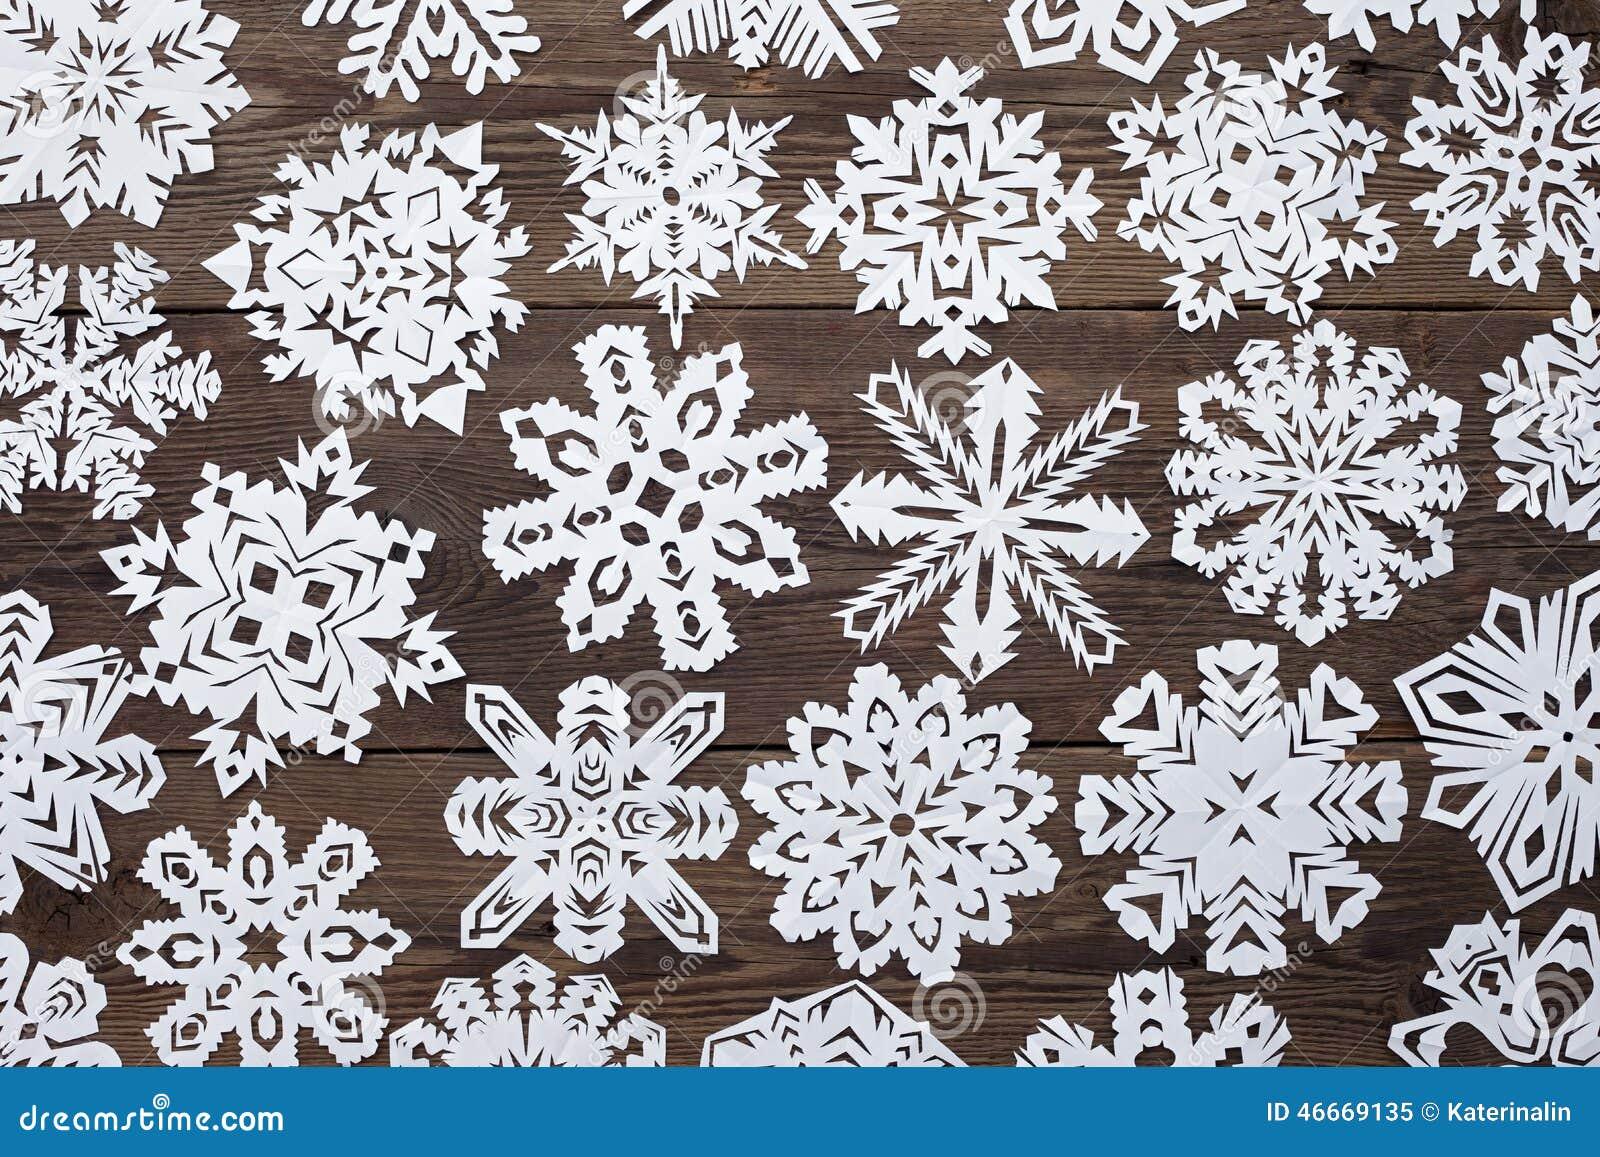 Fiocchi Di Neve Di Carta Modelli : Decorazione di natale con il fiocco di neve di carta immagine